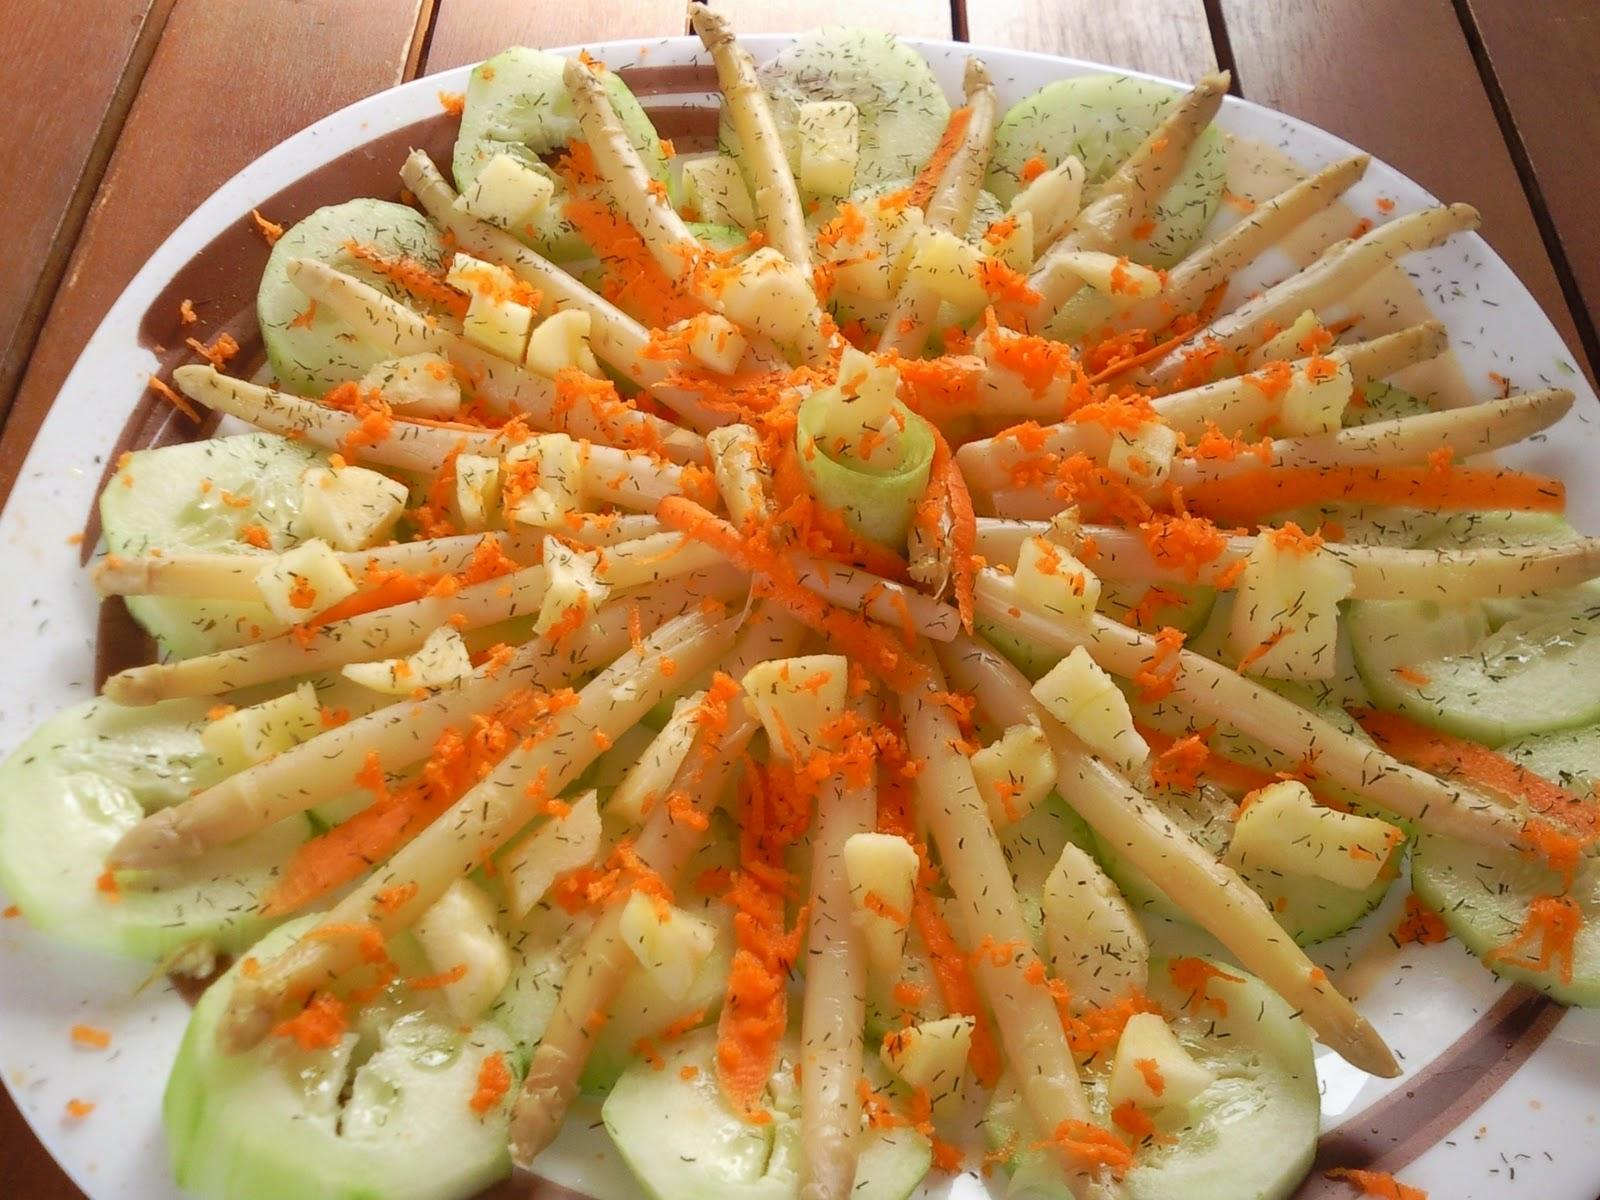 Las recetas de las mellizas ensalada de esparragos - Calorias boquerones en vinagre ...